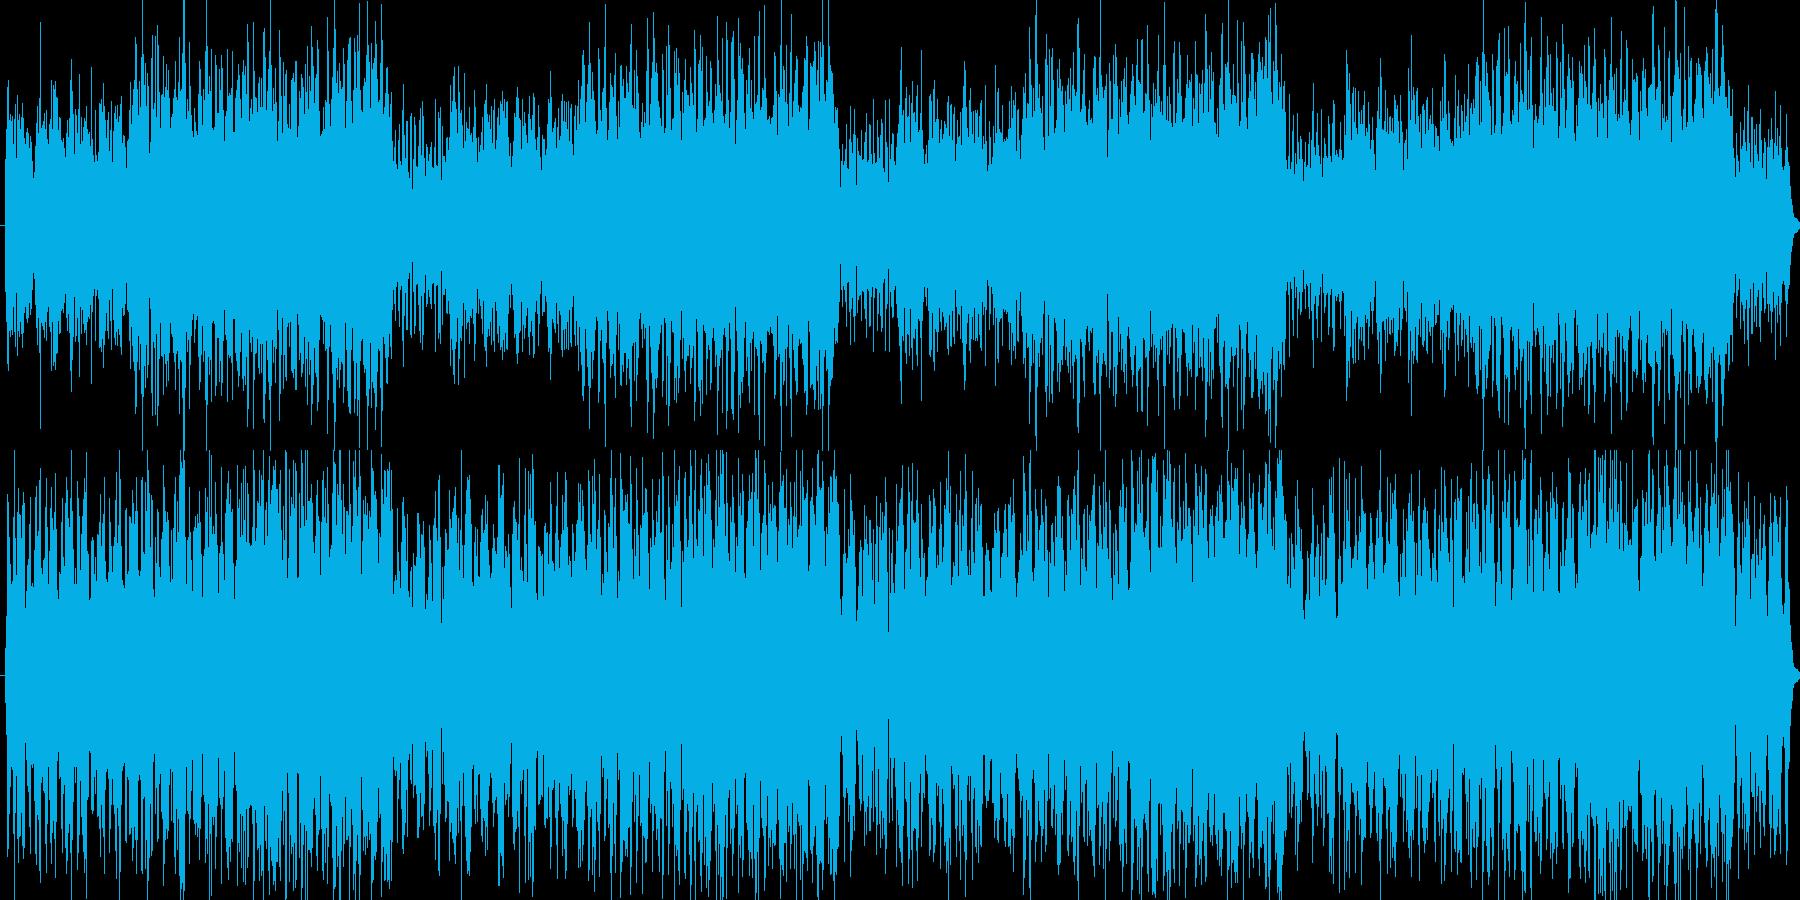 ゲーム等のメニュー画面で使えそうイメージの再生済みの波形